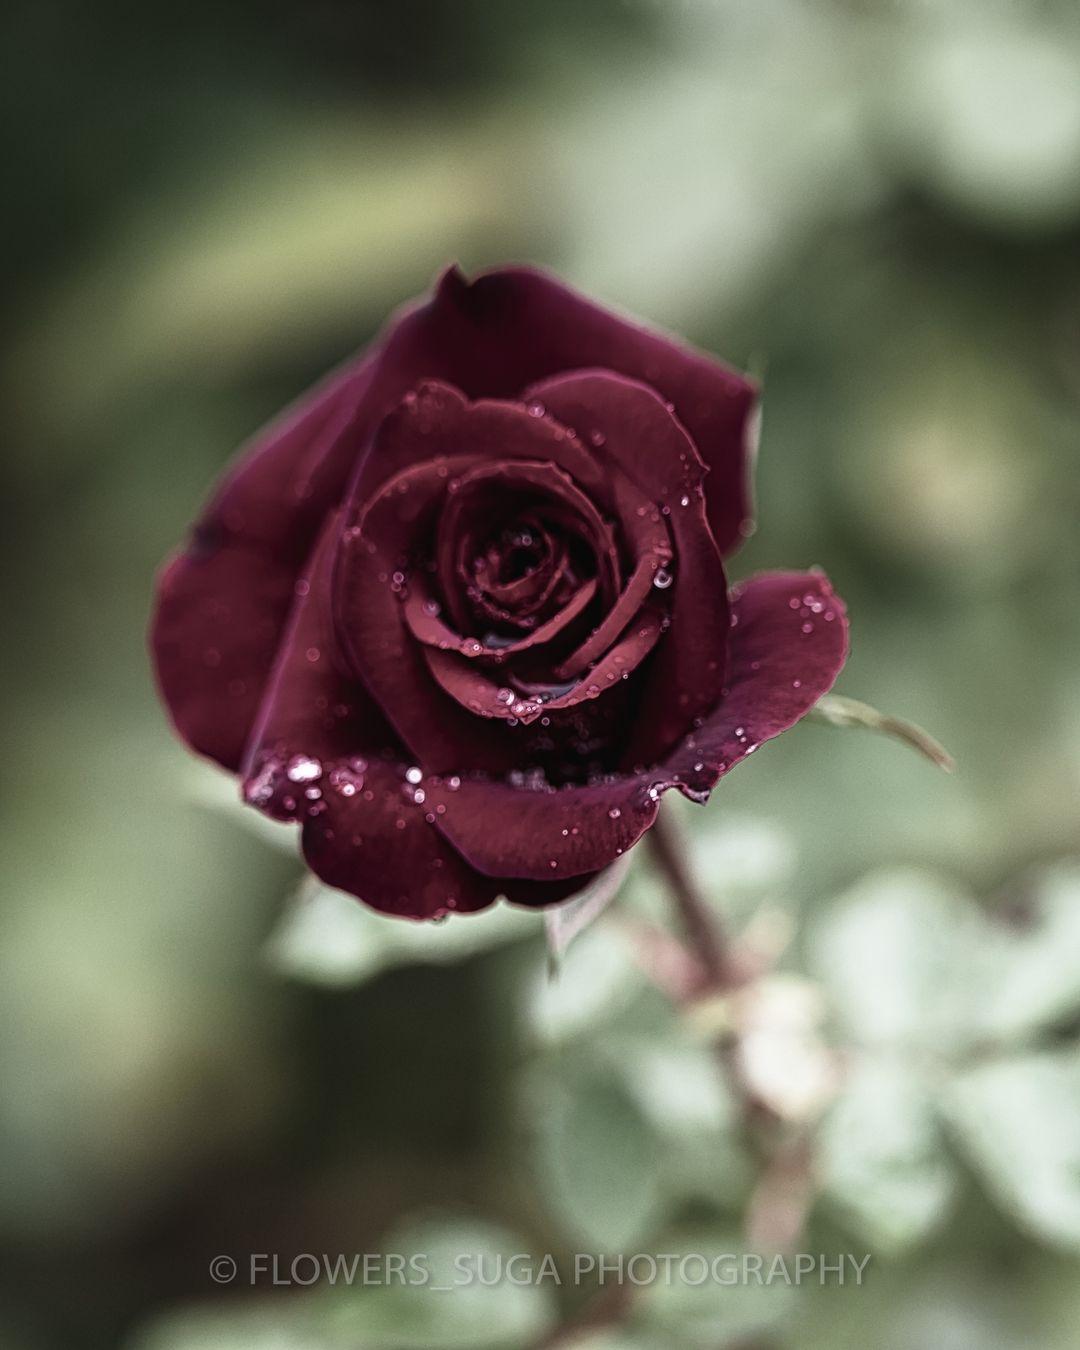 Красота цветов на снимках Хисаши Сугам